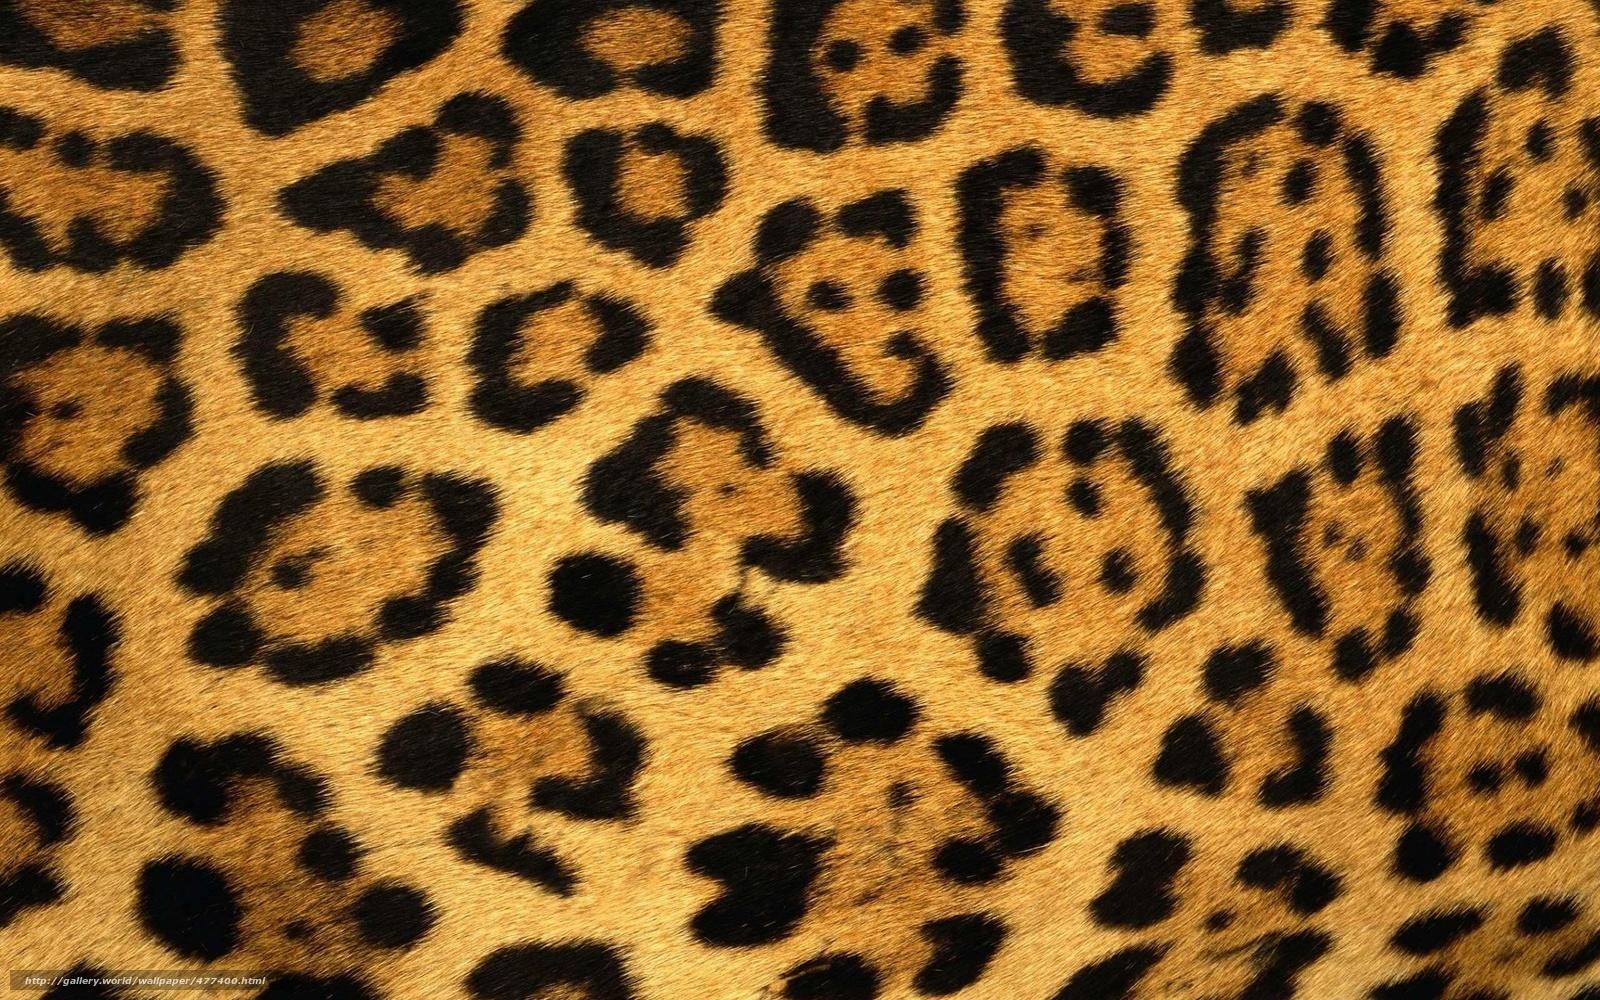 Tlcharger Fond D Ecran Jaguar Fourrure Peau Laine Fonds